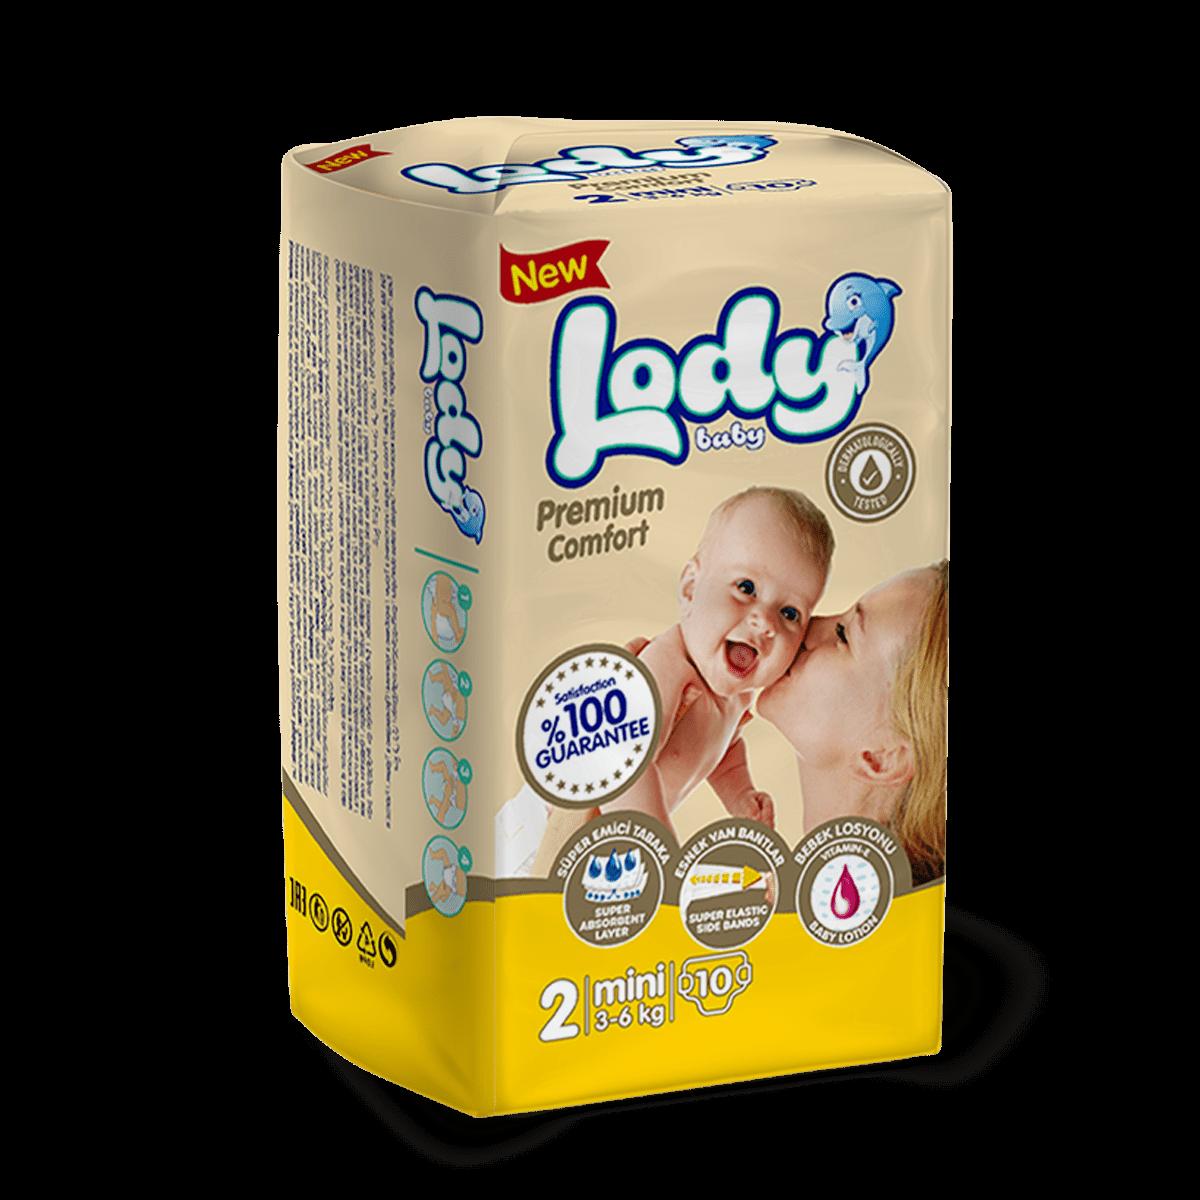 LODY BABY MINI ( 3-6 Kg ) Küçük Paket